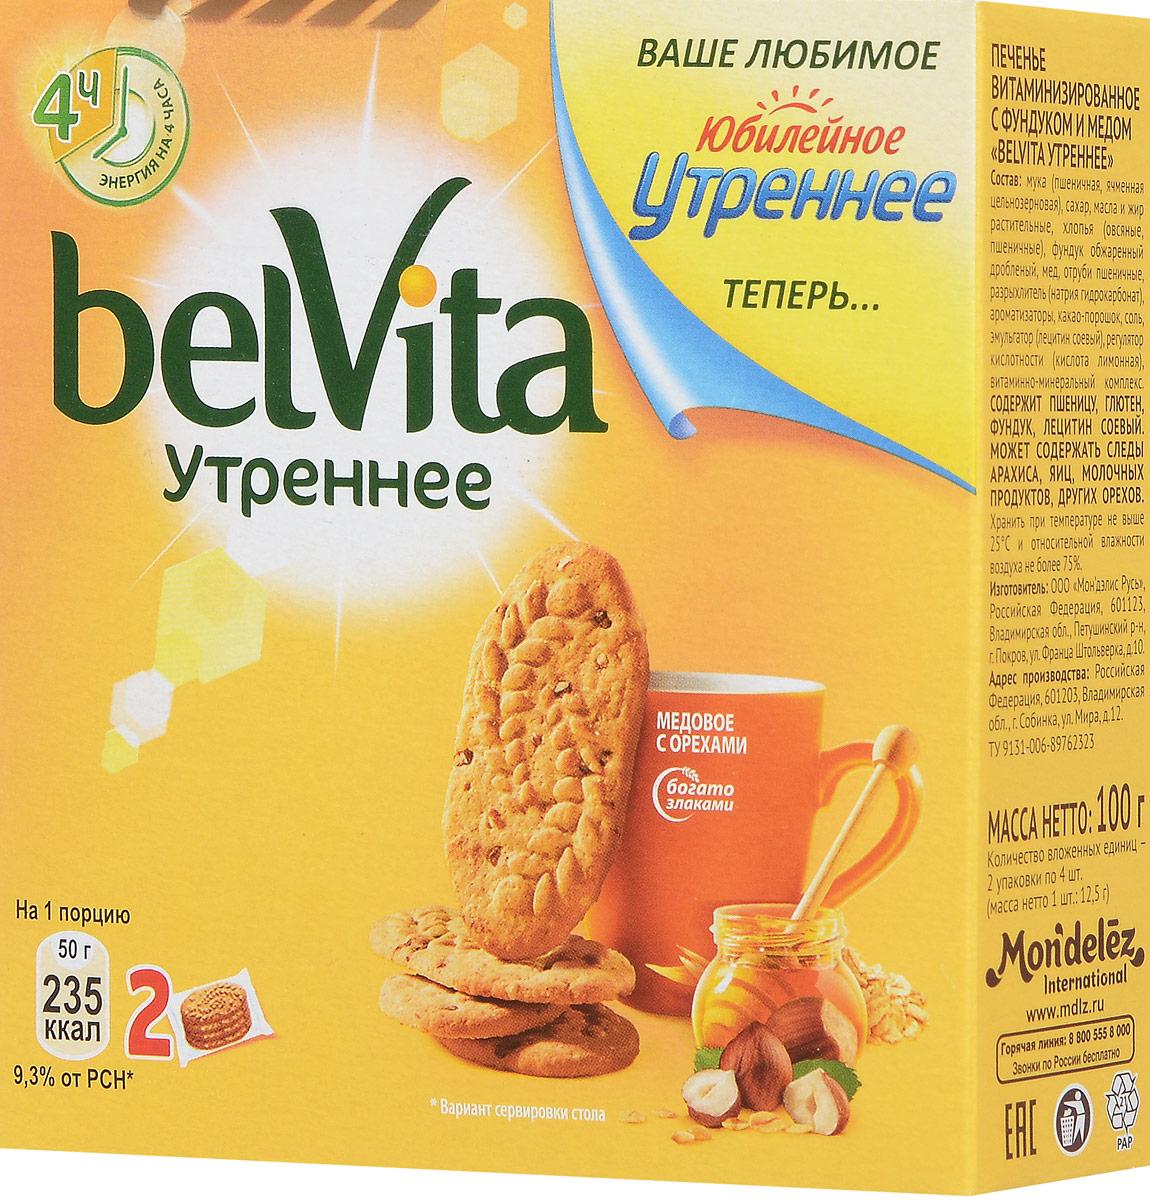 Юбилейное Печенье с фундуком и медом BelVita Утреннее, 100 г4001782Печенье с фундуком и медом Юбилейное BelVita. Утреннее - это очень вкусное, хрустящее печенье, приготовленное специально для завтрака из отборных злаков. Такой завтрак обеспечивает вас 20-25% дневной нормы необходимых питательных веществ, согласно рекомендациям специалистов по правильному питанию. Благодаря особой технологии выпекания в печенье сохраняются медленные углеводы, которые усваиваются постепенно в течение 4 часов. Уважаемые клиенты! Обращаем ваше внимание, что полный перечень состава продукта представлен на дополнительном изображении.